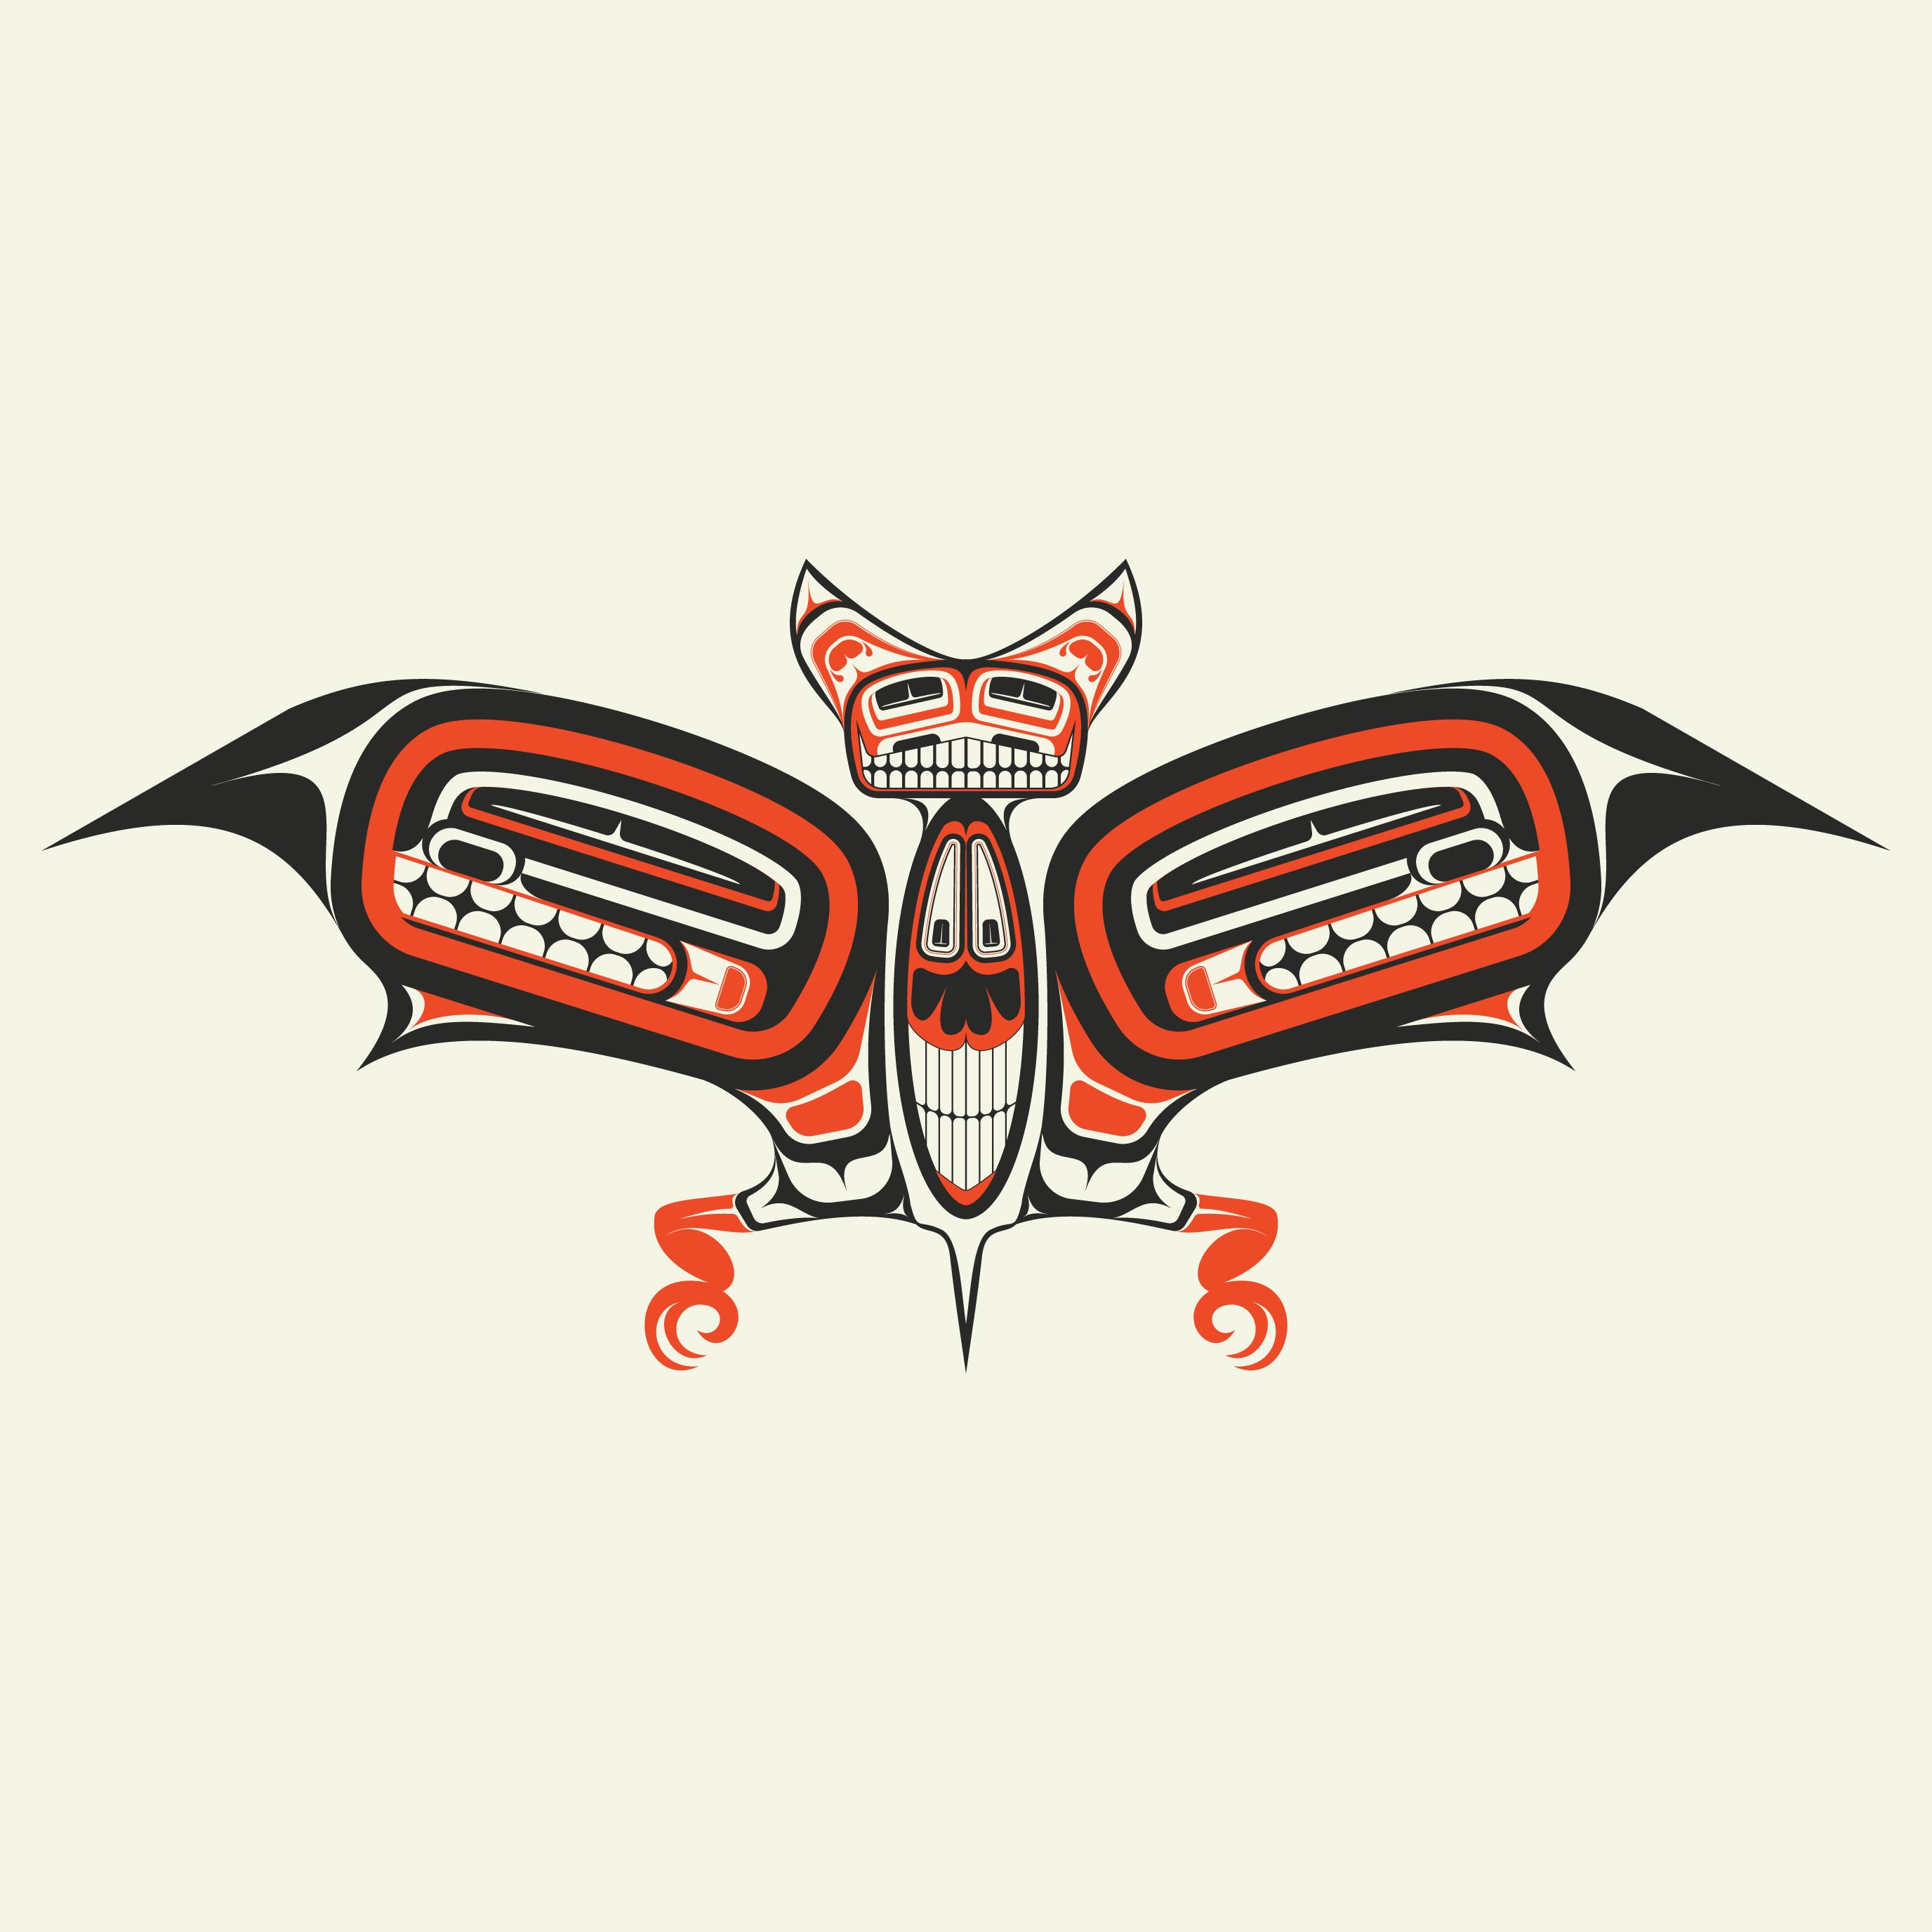 1986 Northwest Native Flicker Print Glen Rabena Signed